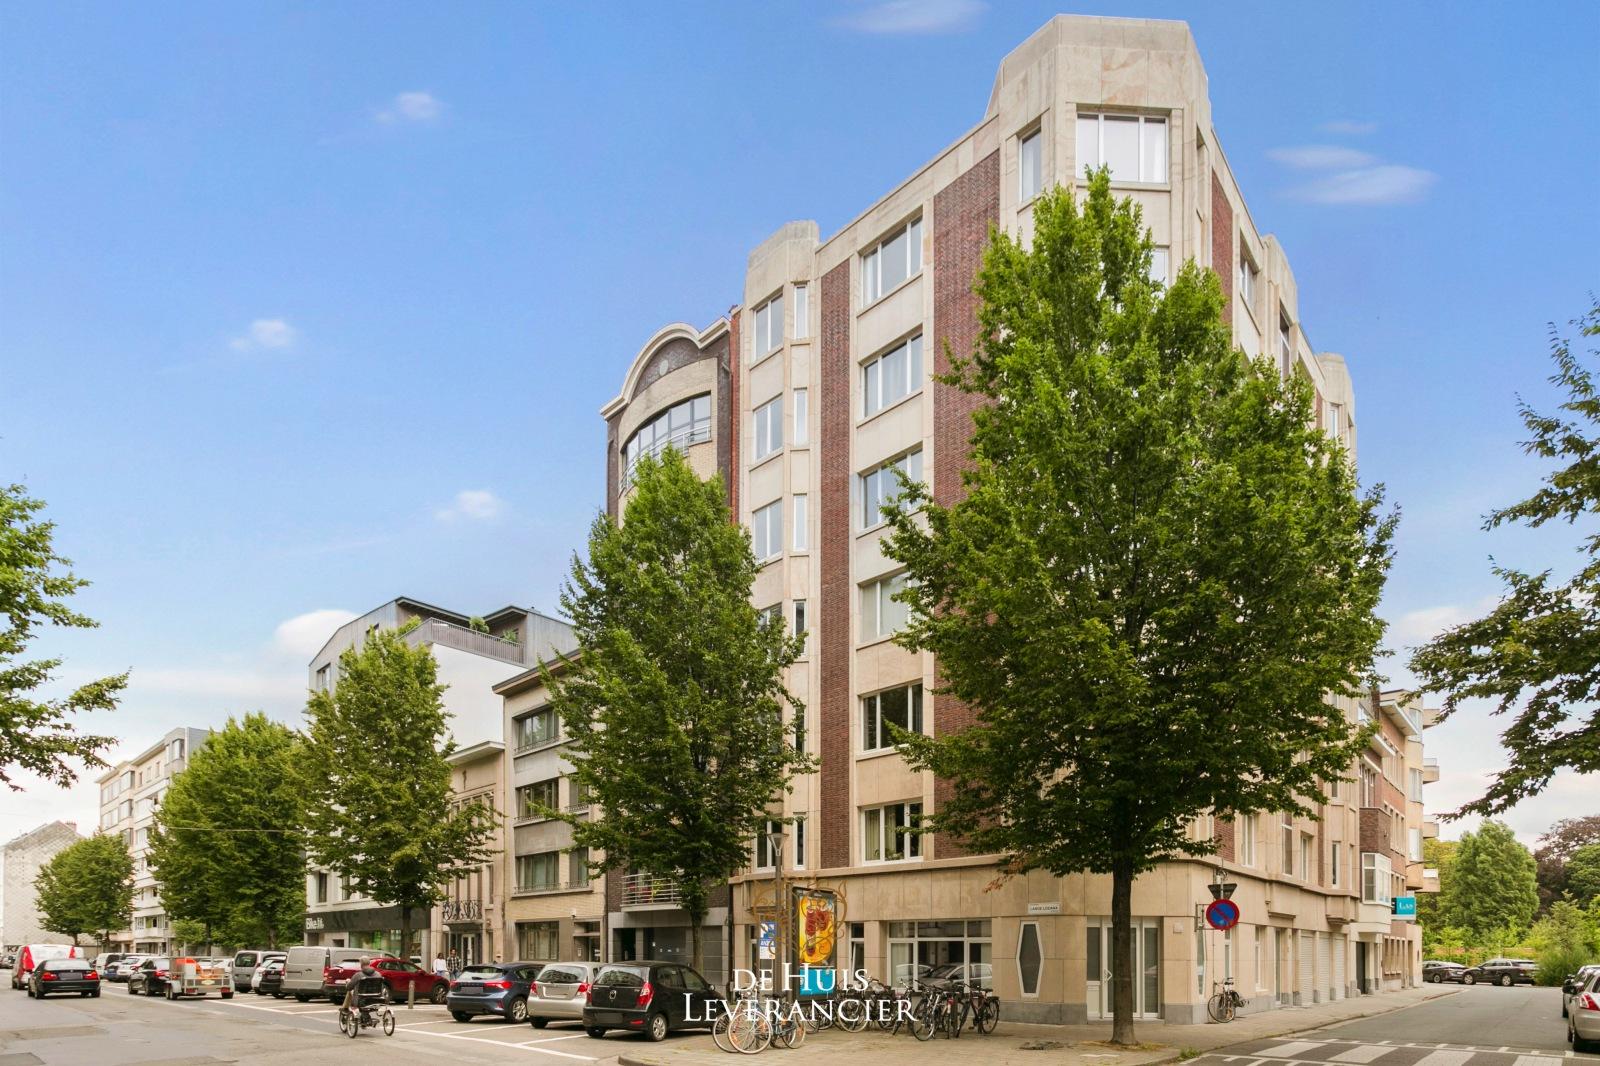 Studio Antwerpen (2018)